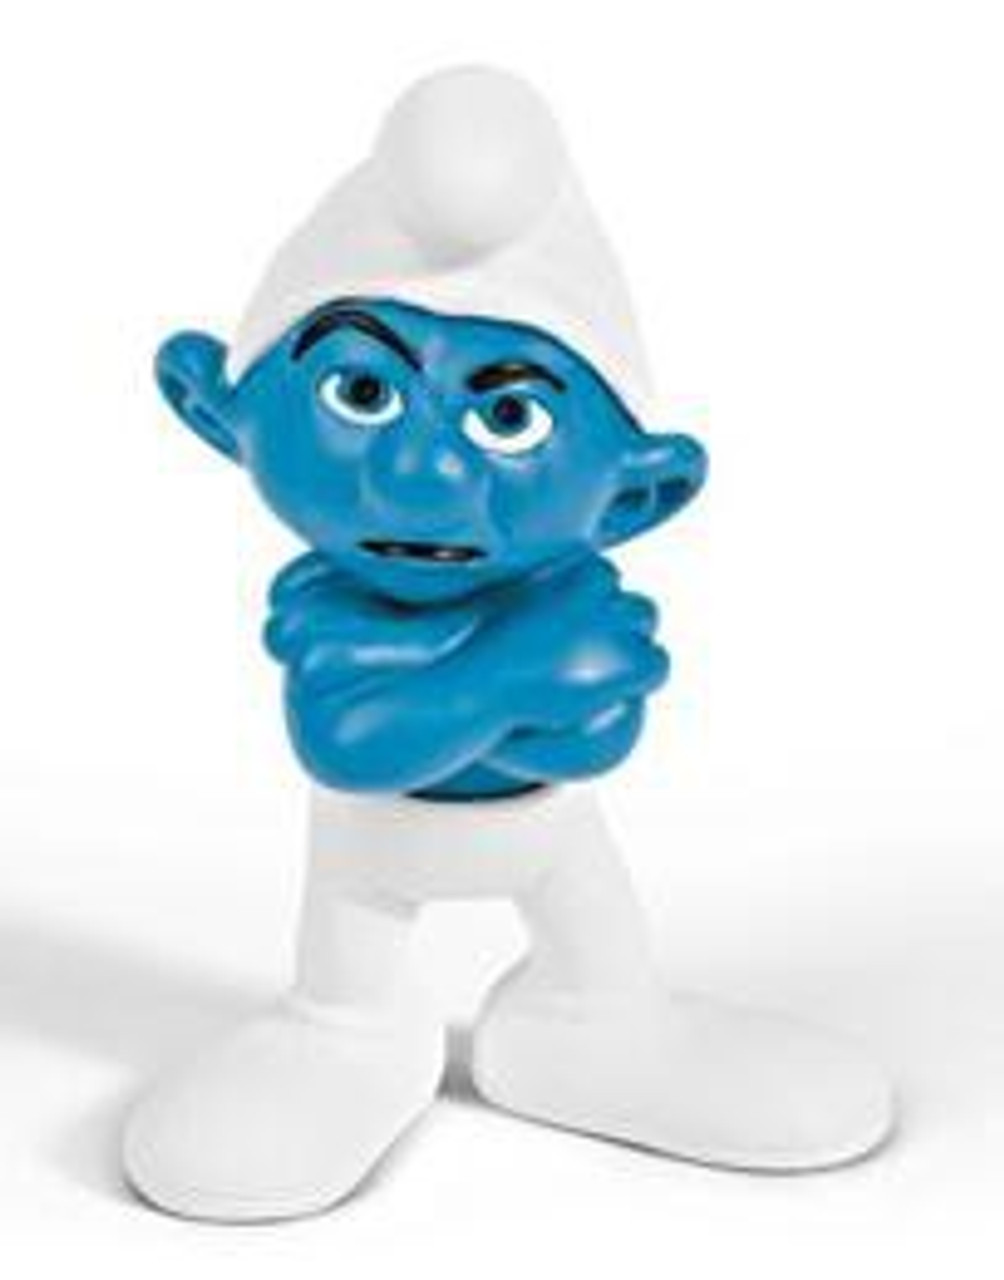 Schleich Gutsy Toy Figurine by Schleich NEW